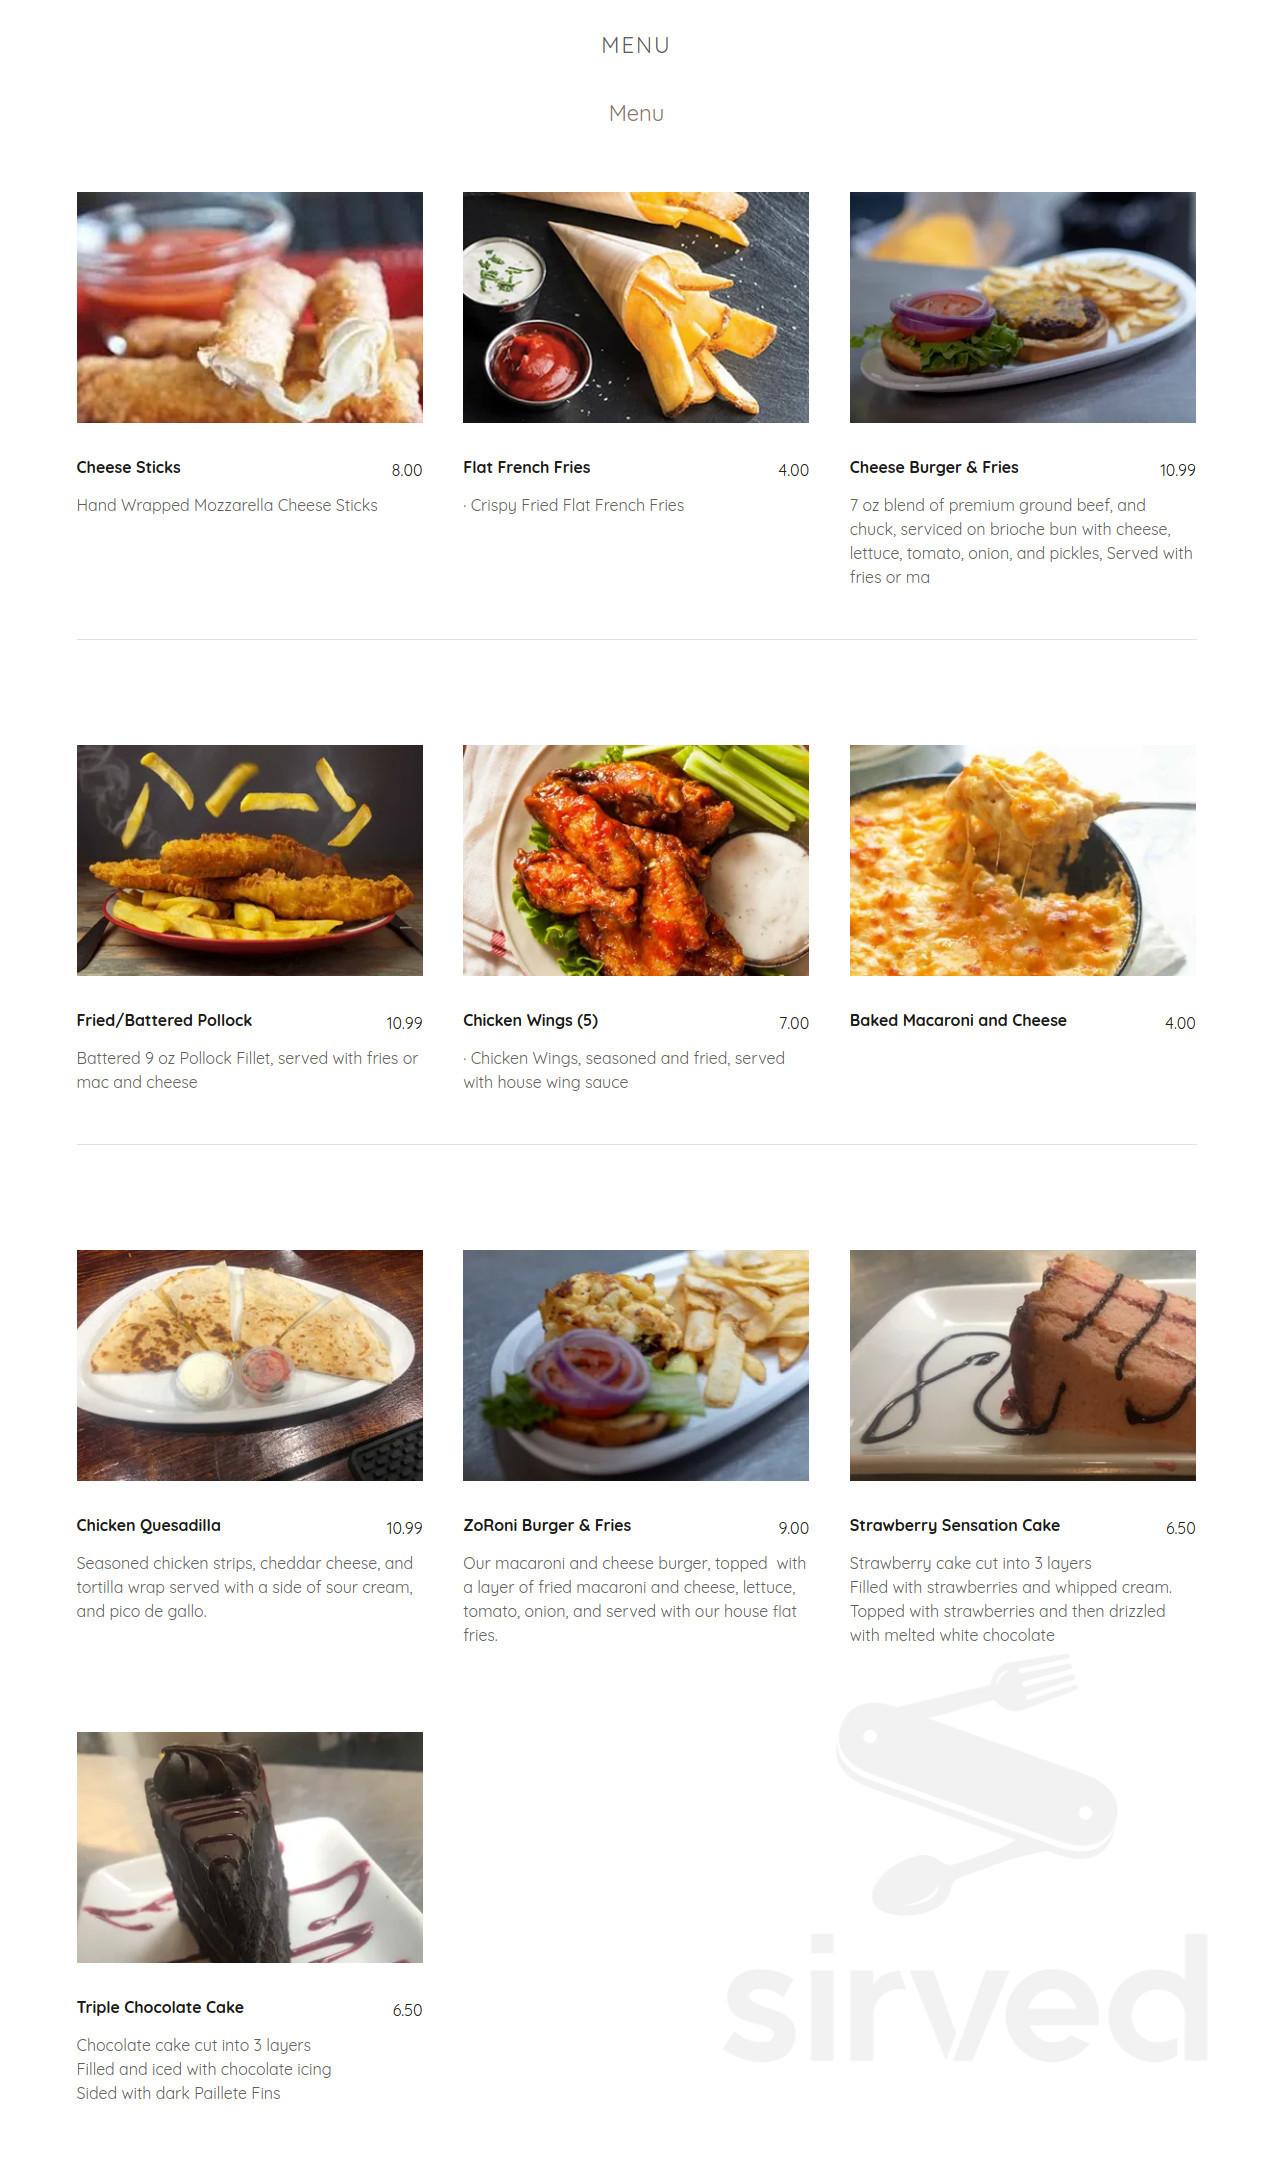 devino s sports bar grill menu in cincinnati ohio usa devino s sports bar grill menu in